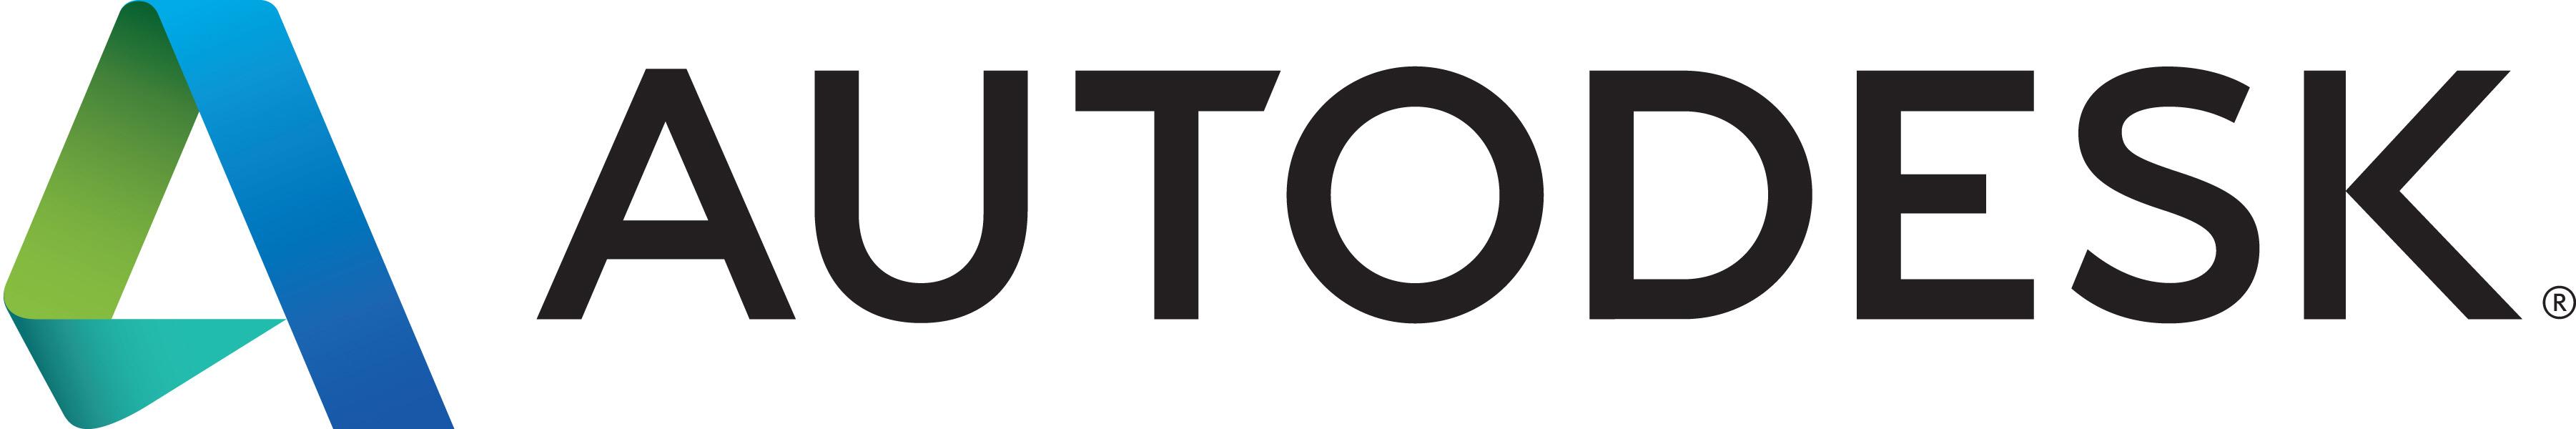 Autodesk-logo-cmyk-1